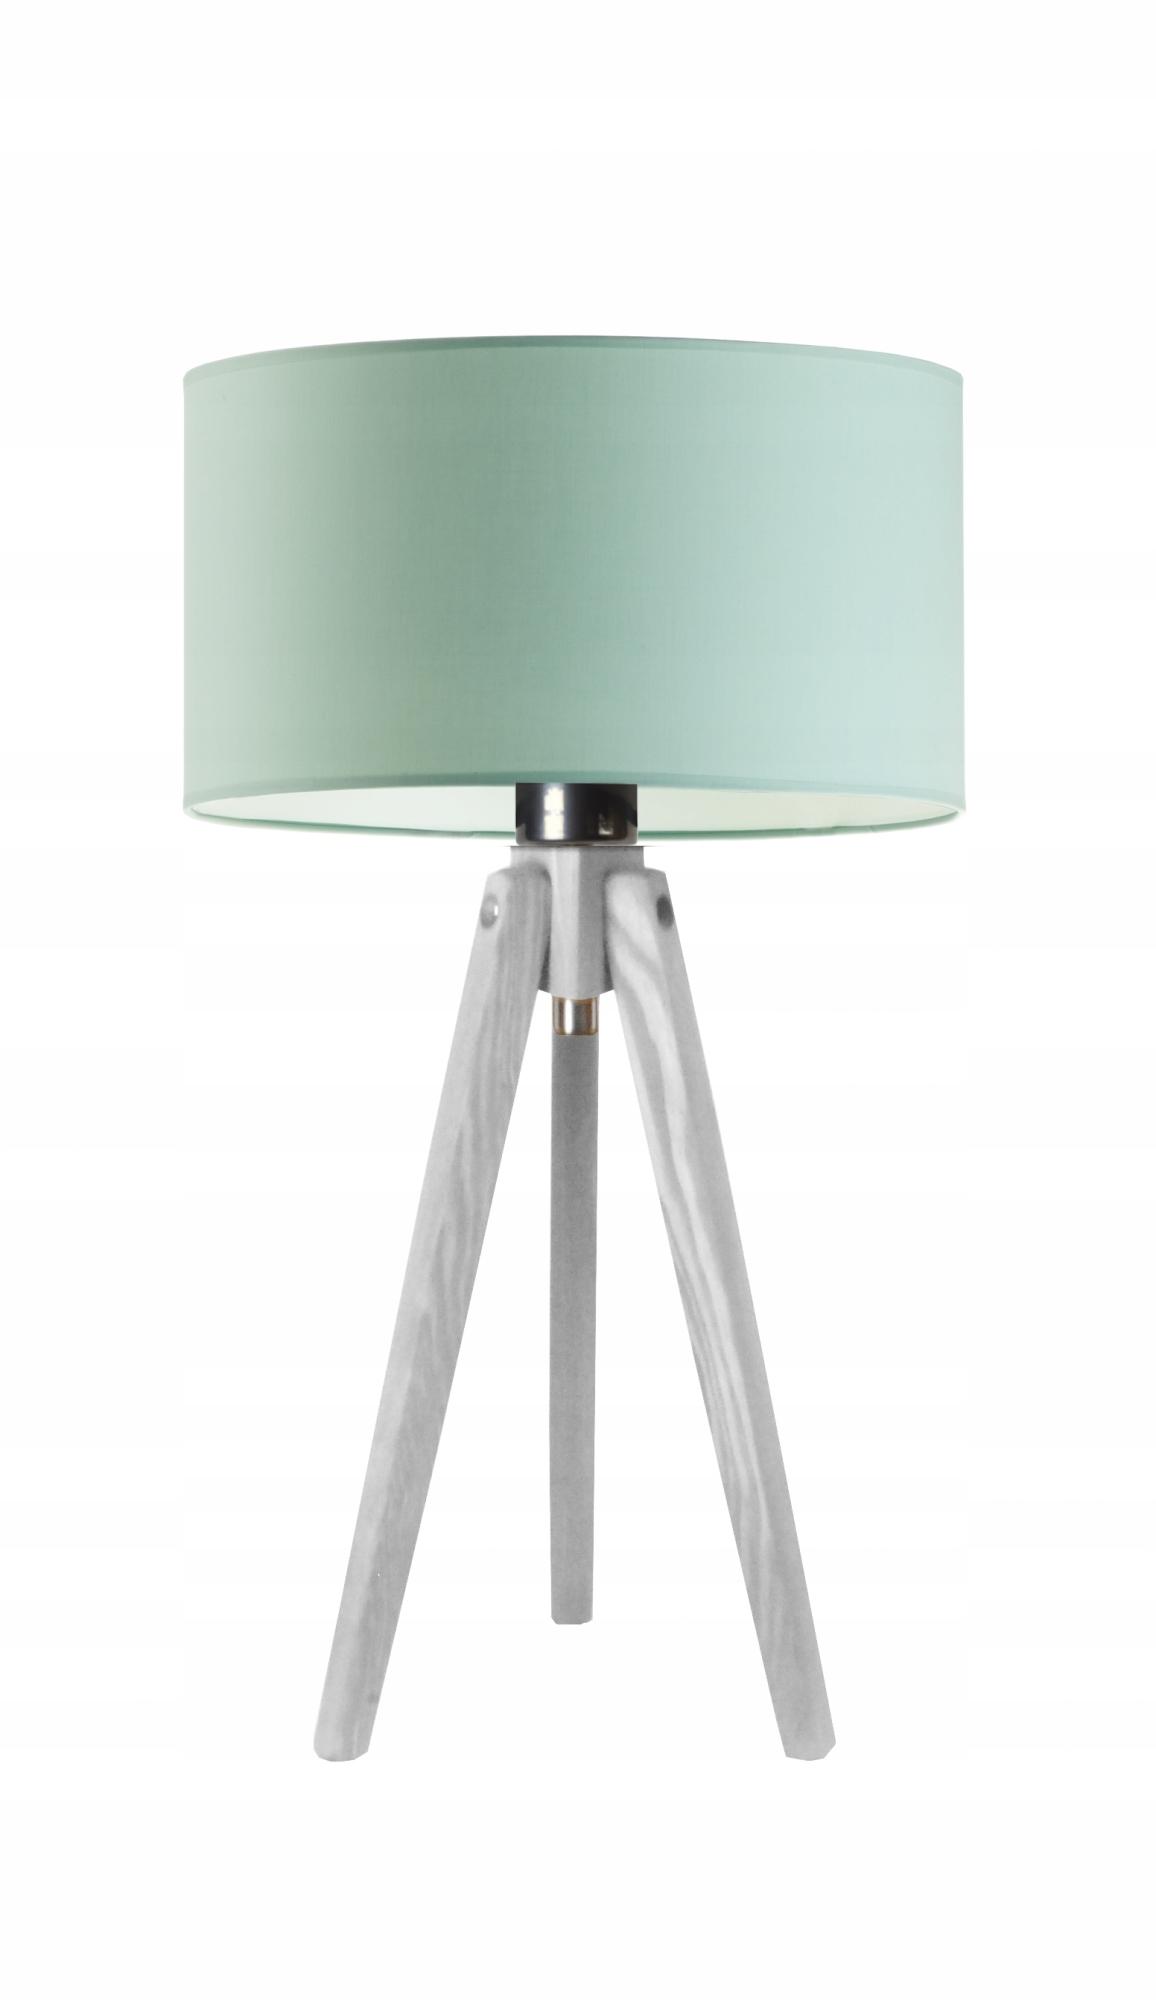 Drevo Lampa noc písací Stôl, 24 b Sadzba/mincovňa